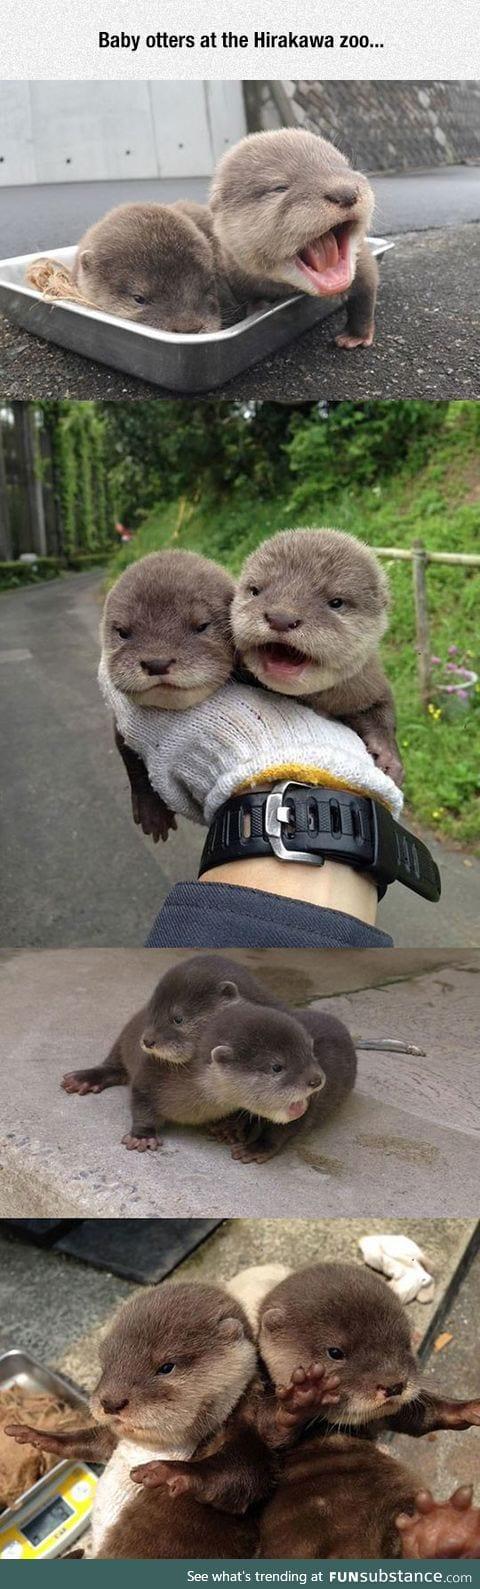 Tiny baby otters